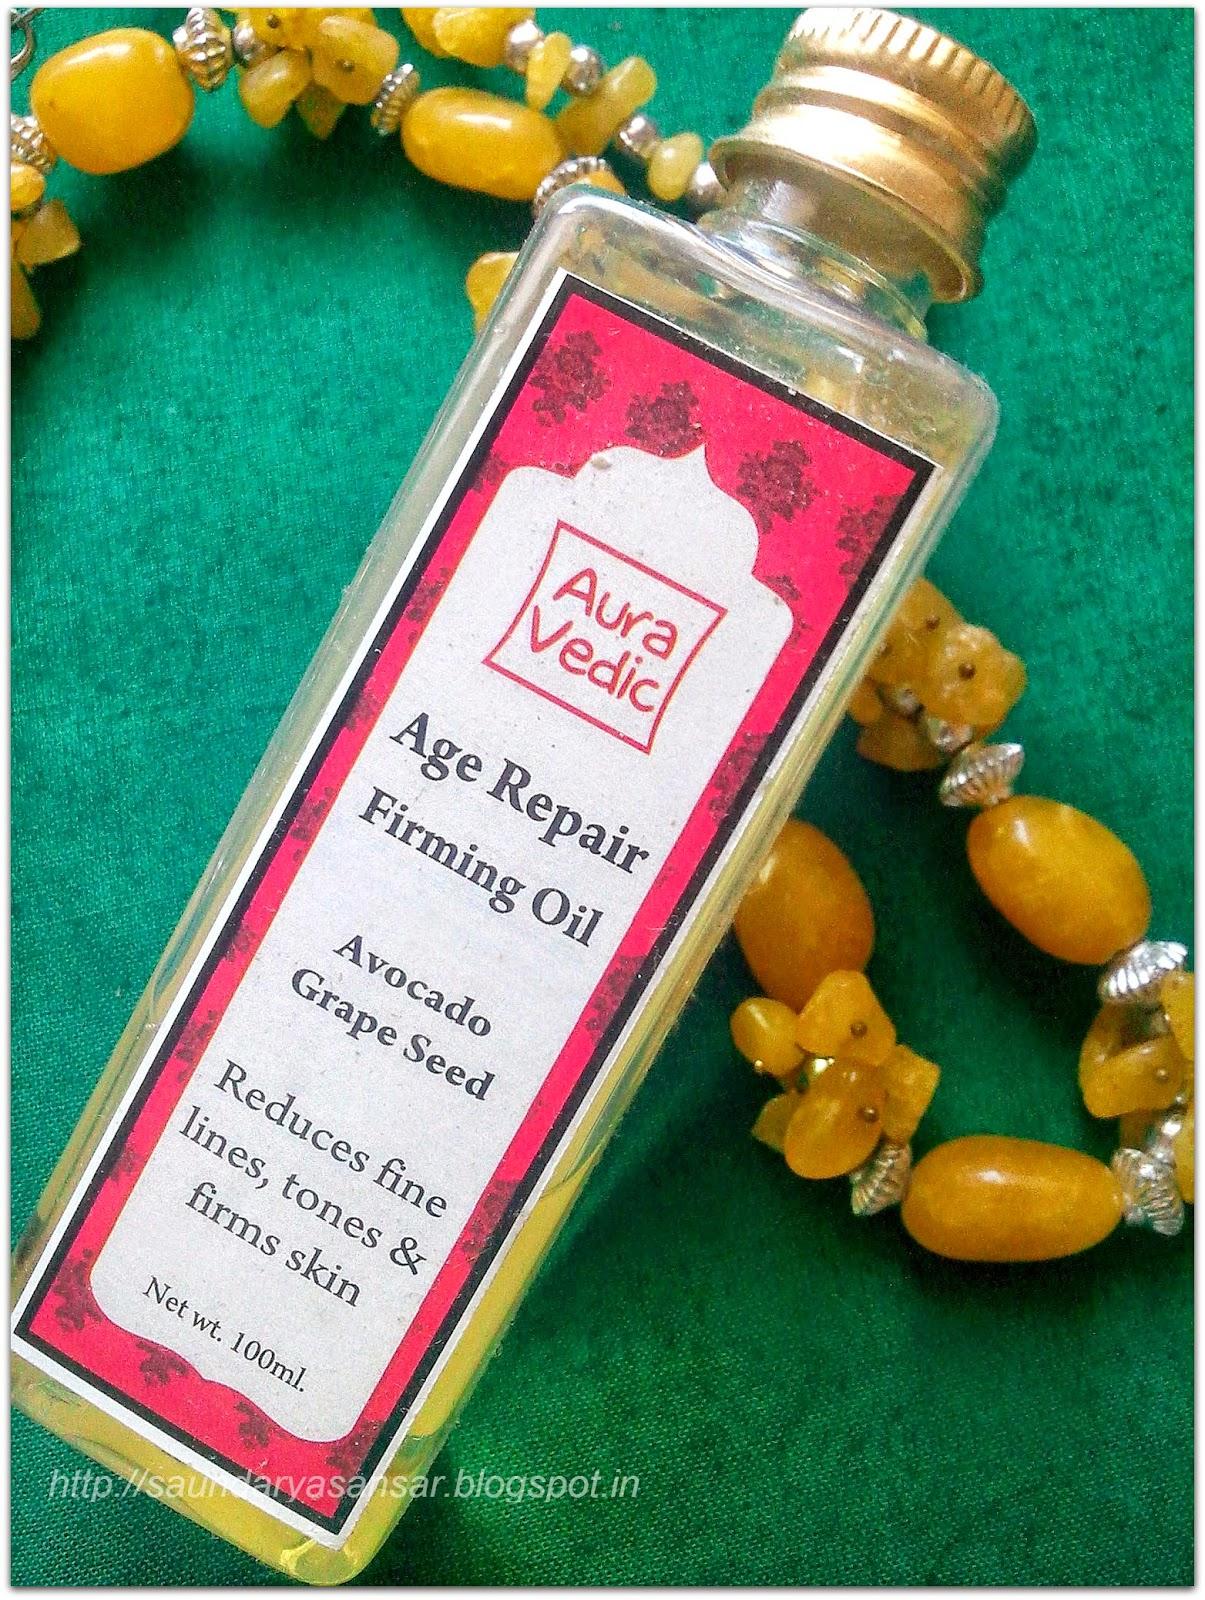 Aura Vedic Age Repair Firming Oil-Review